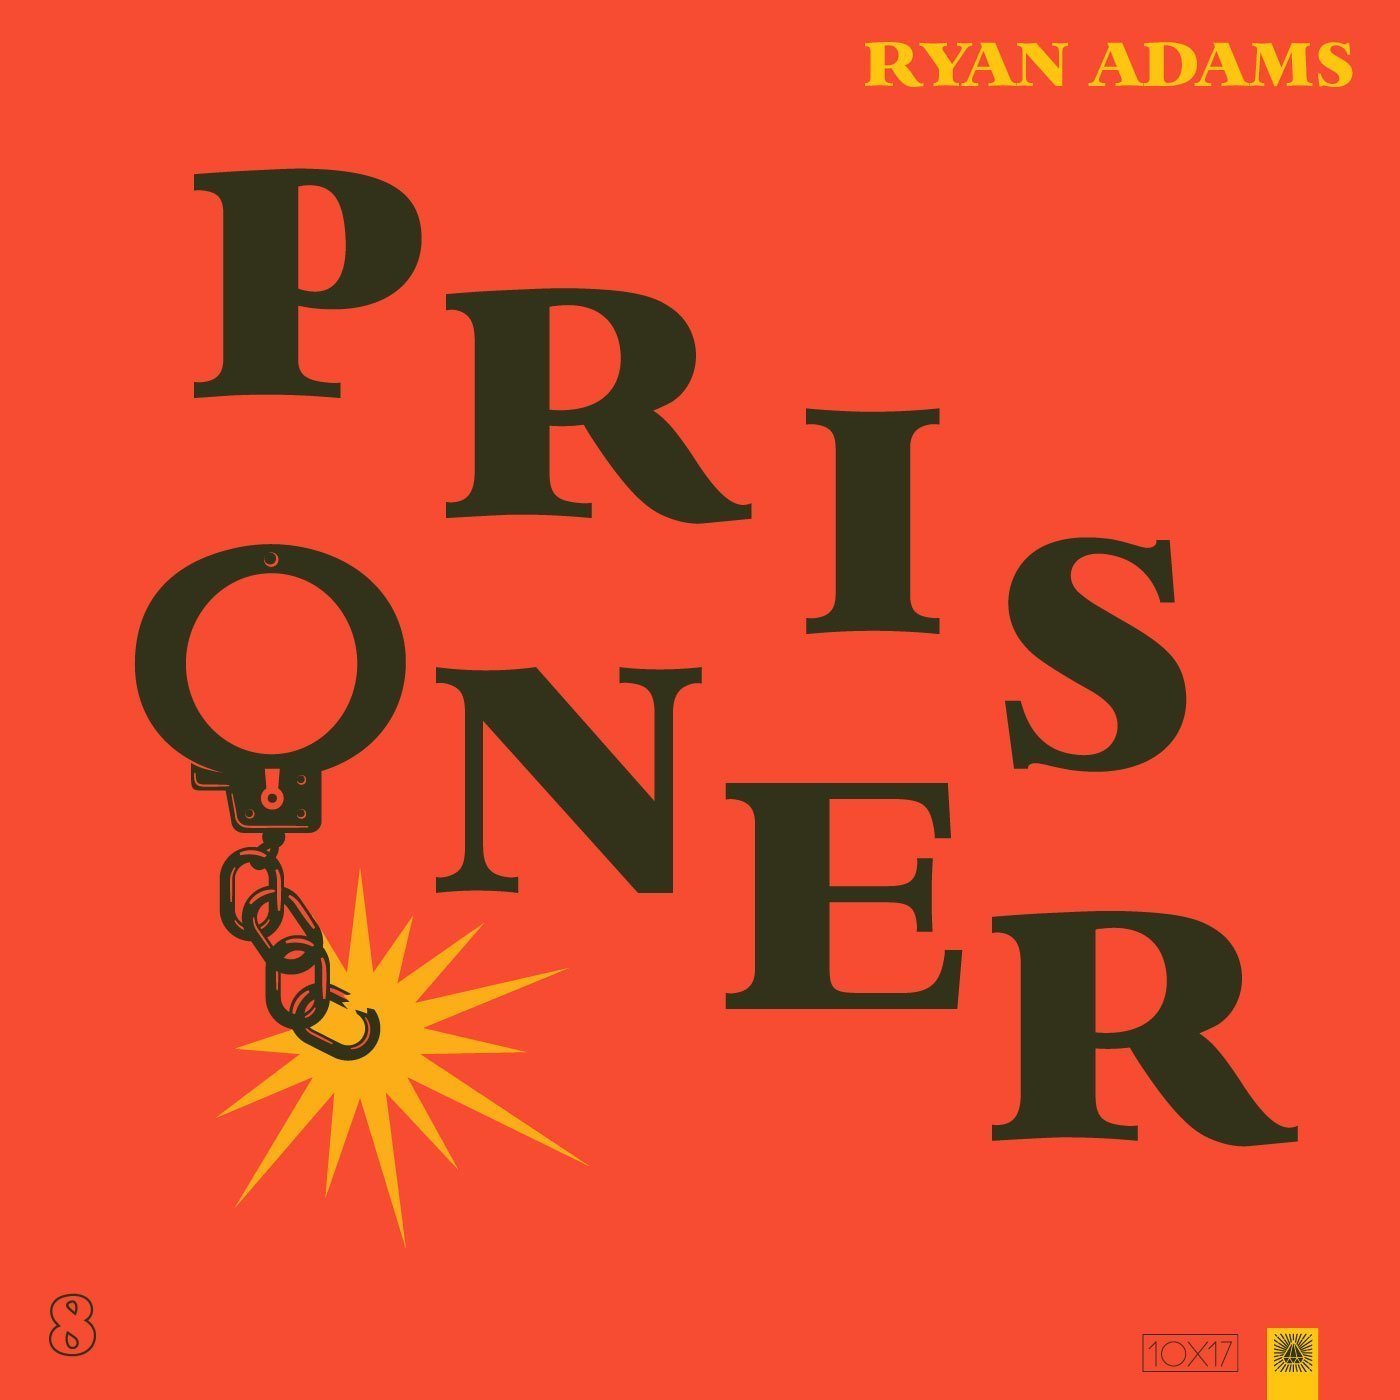 Ryan Adams Album Art Reimagined by Amy Hood - Broken Handcuff